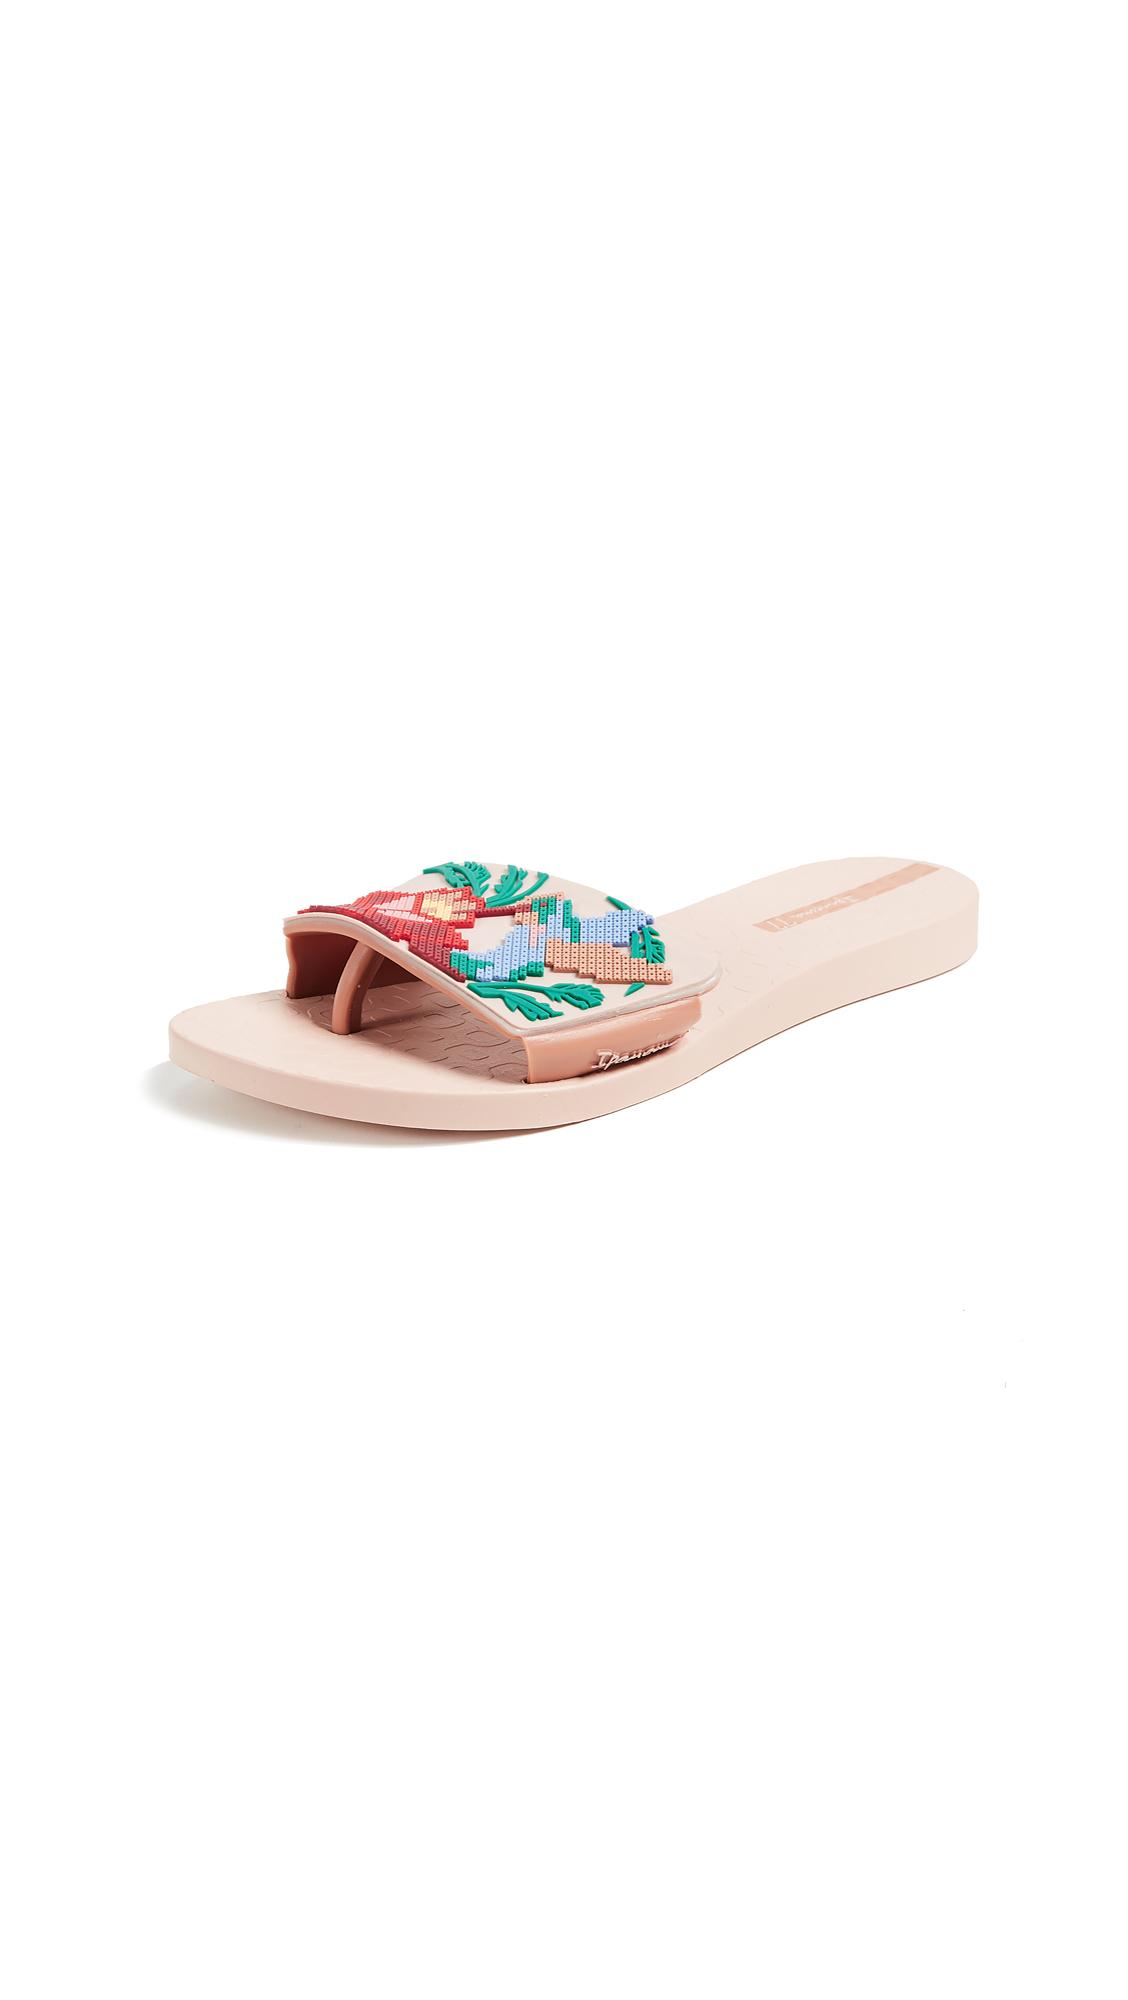 Ipanema Nectar Slides - Pink/Beige